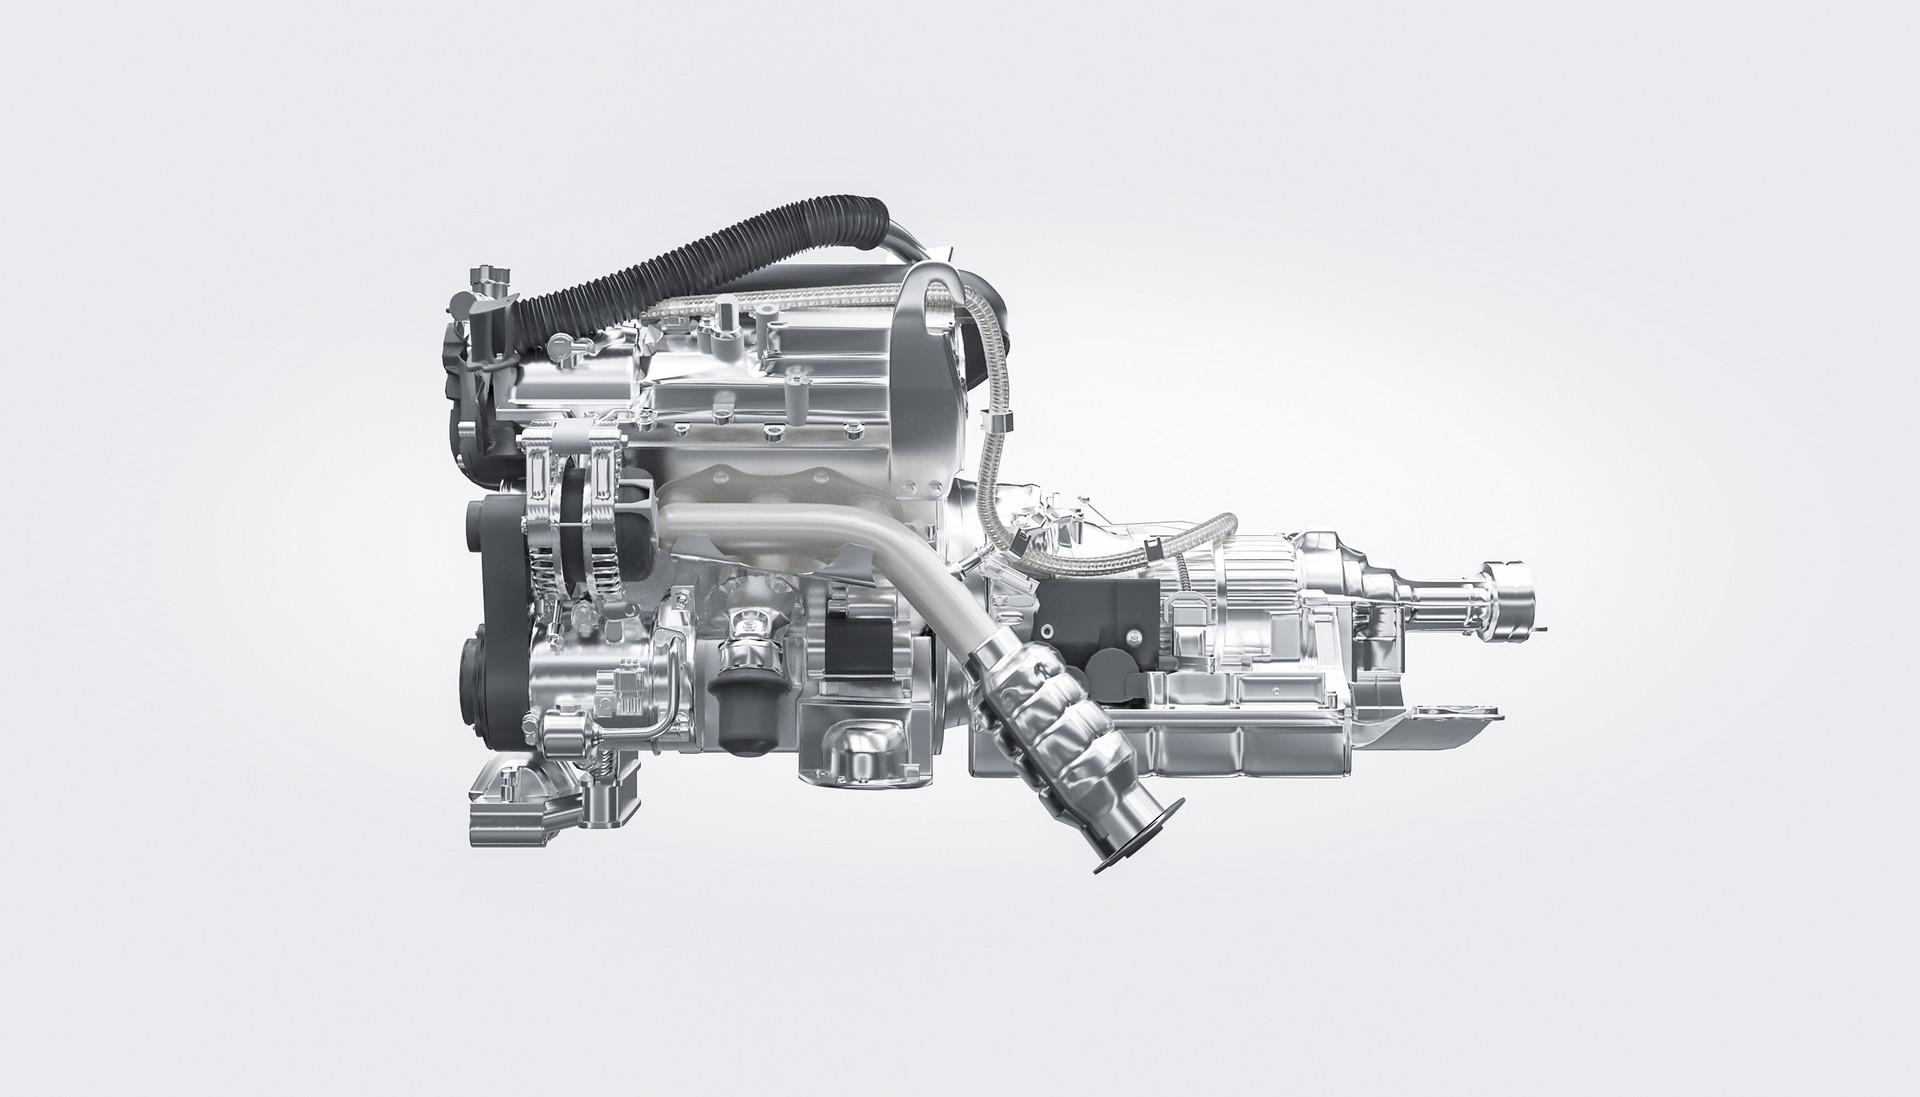 长城汽车发布100kW大功率燃料�池发动机:2020年量产